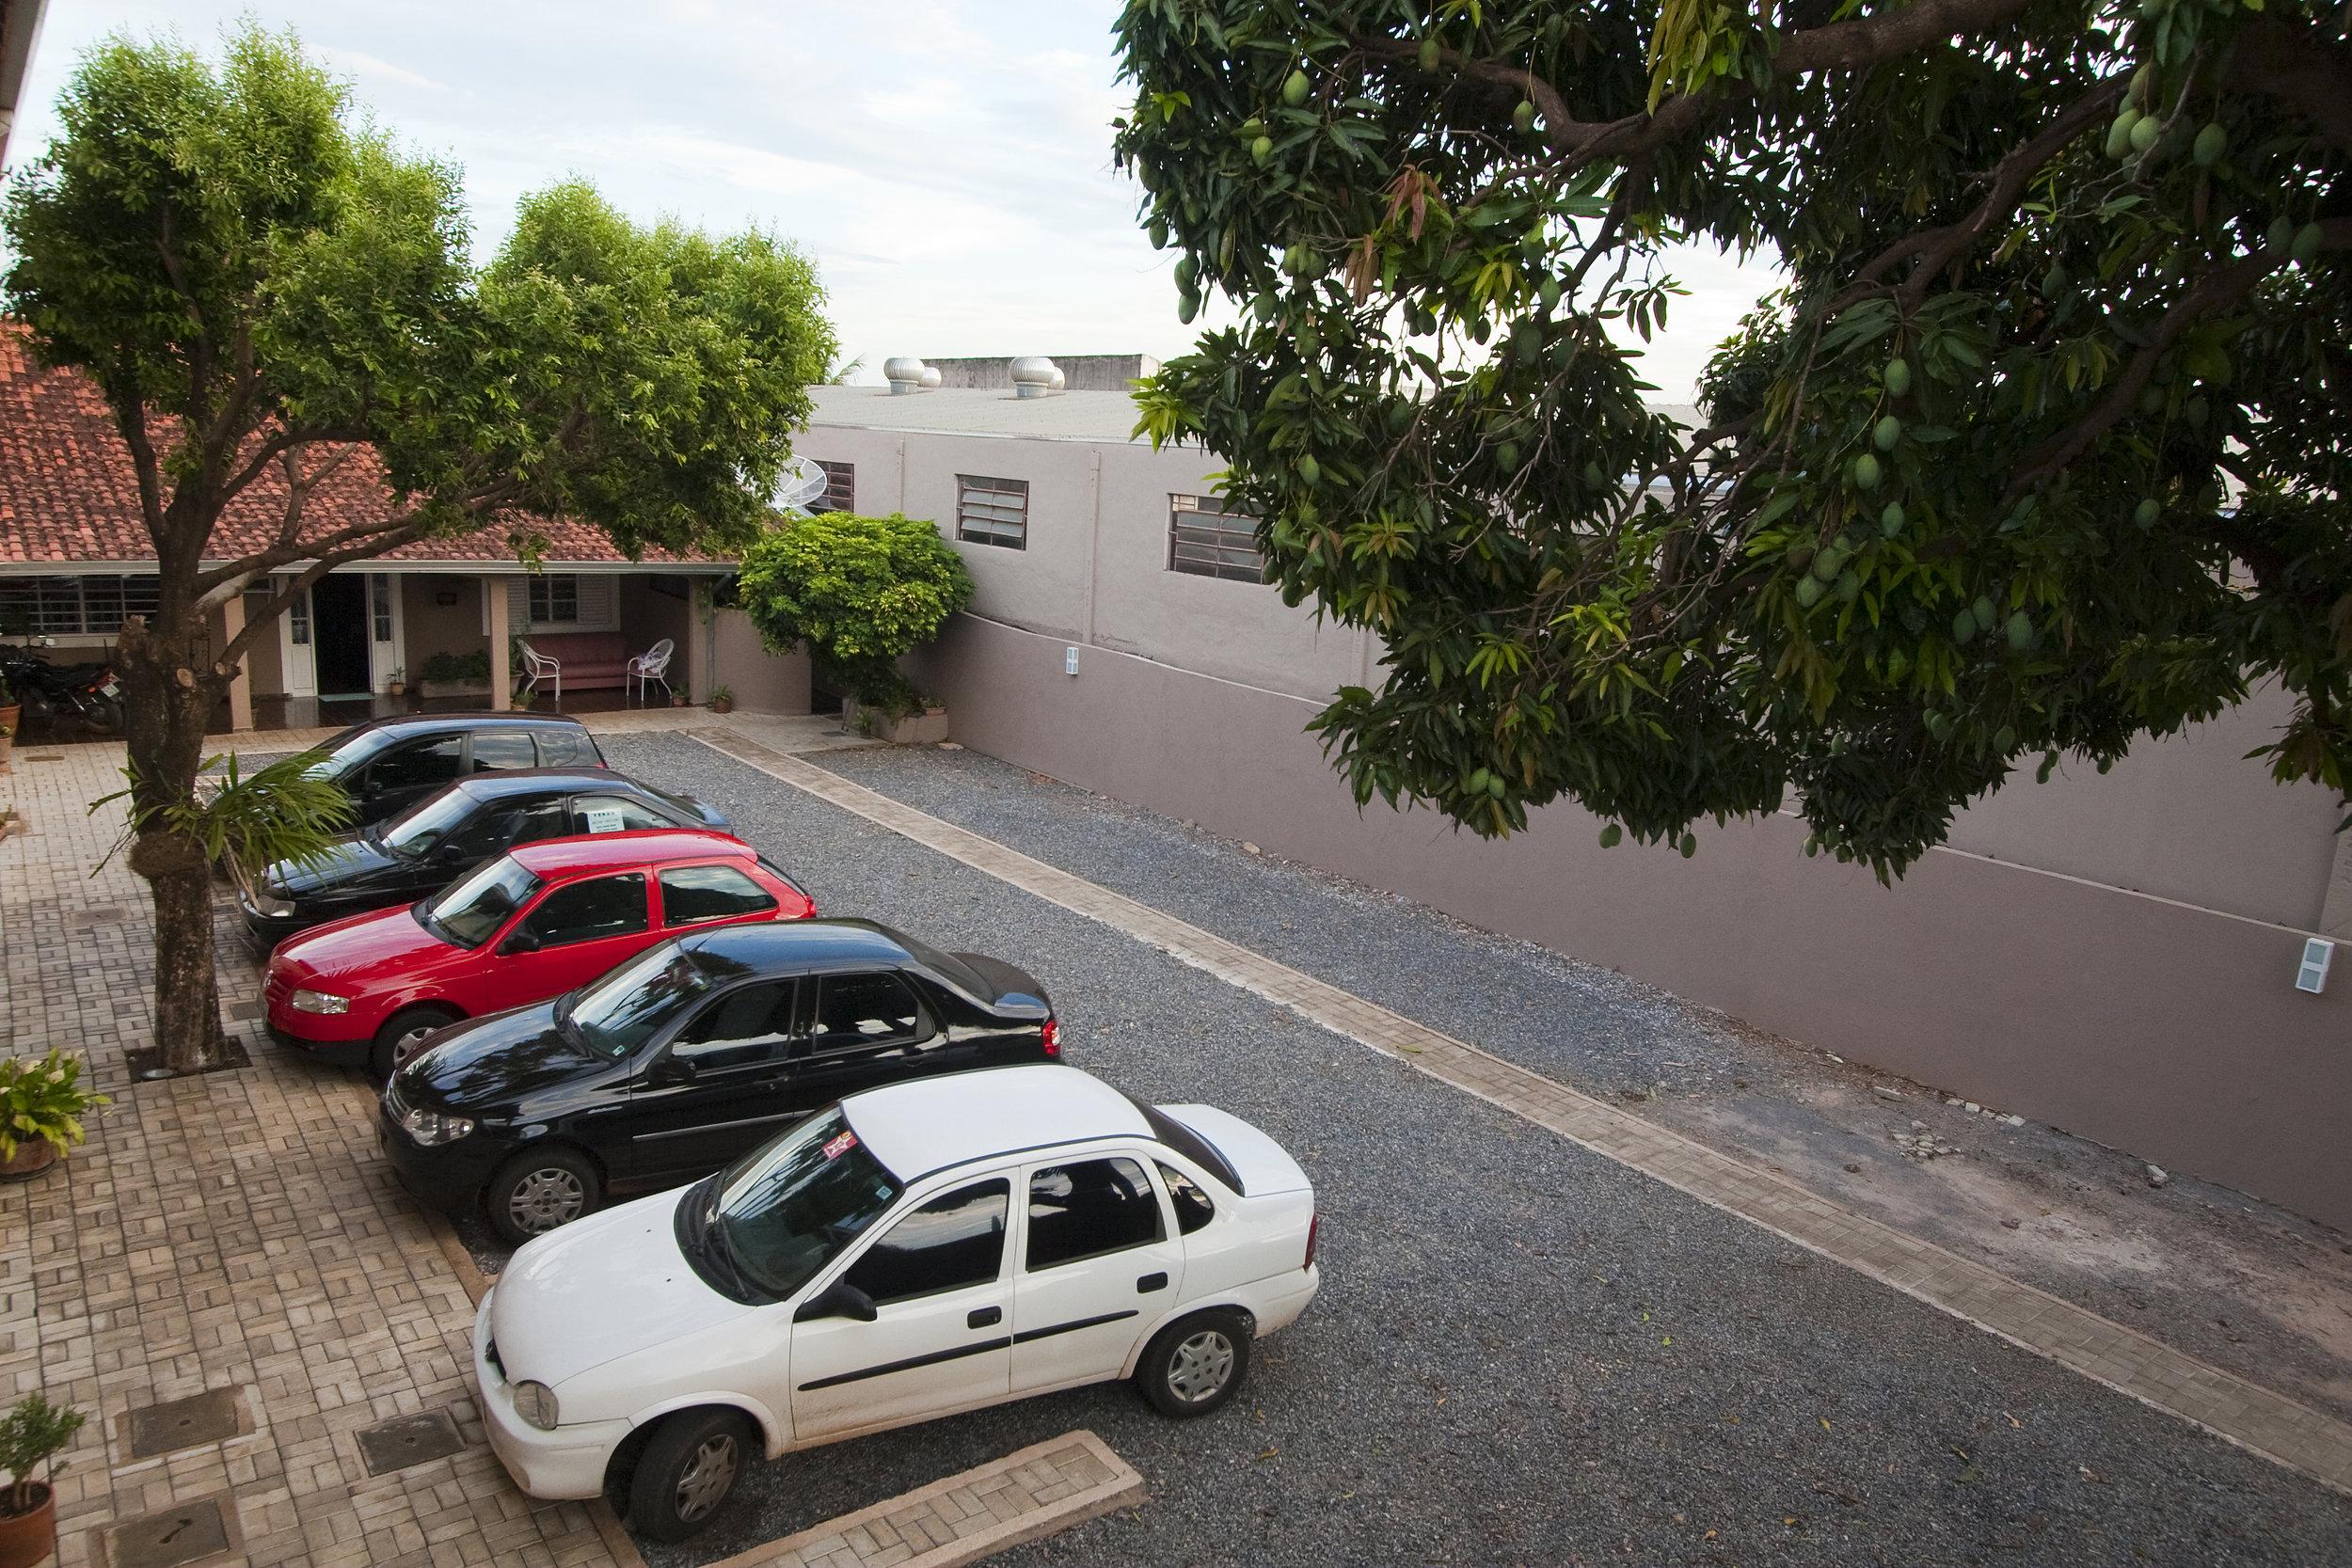 pousada_calliandra_estacionamento_20101223_0003.jpg